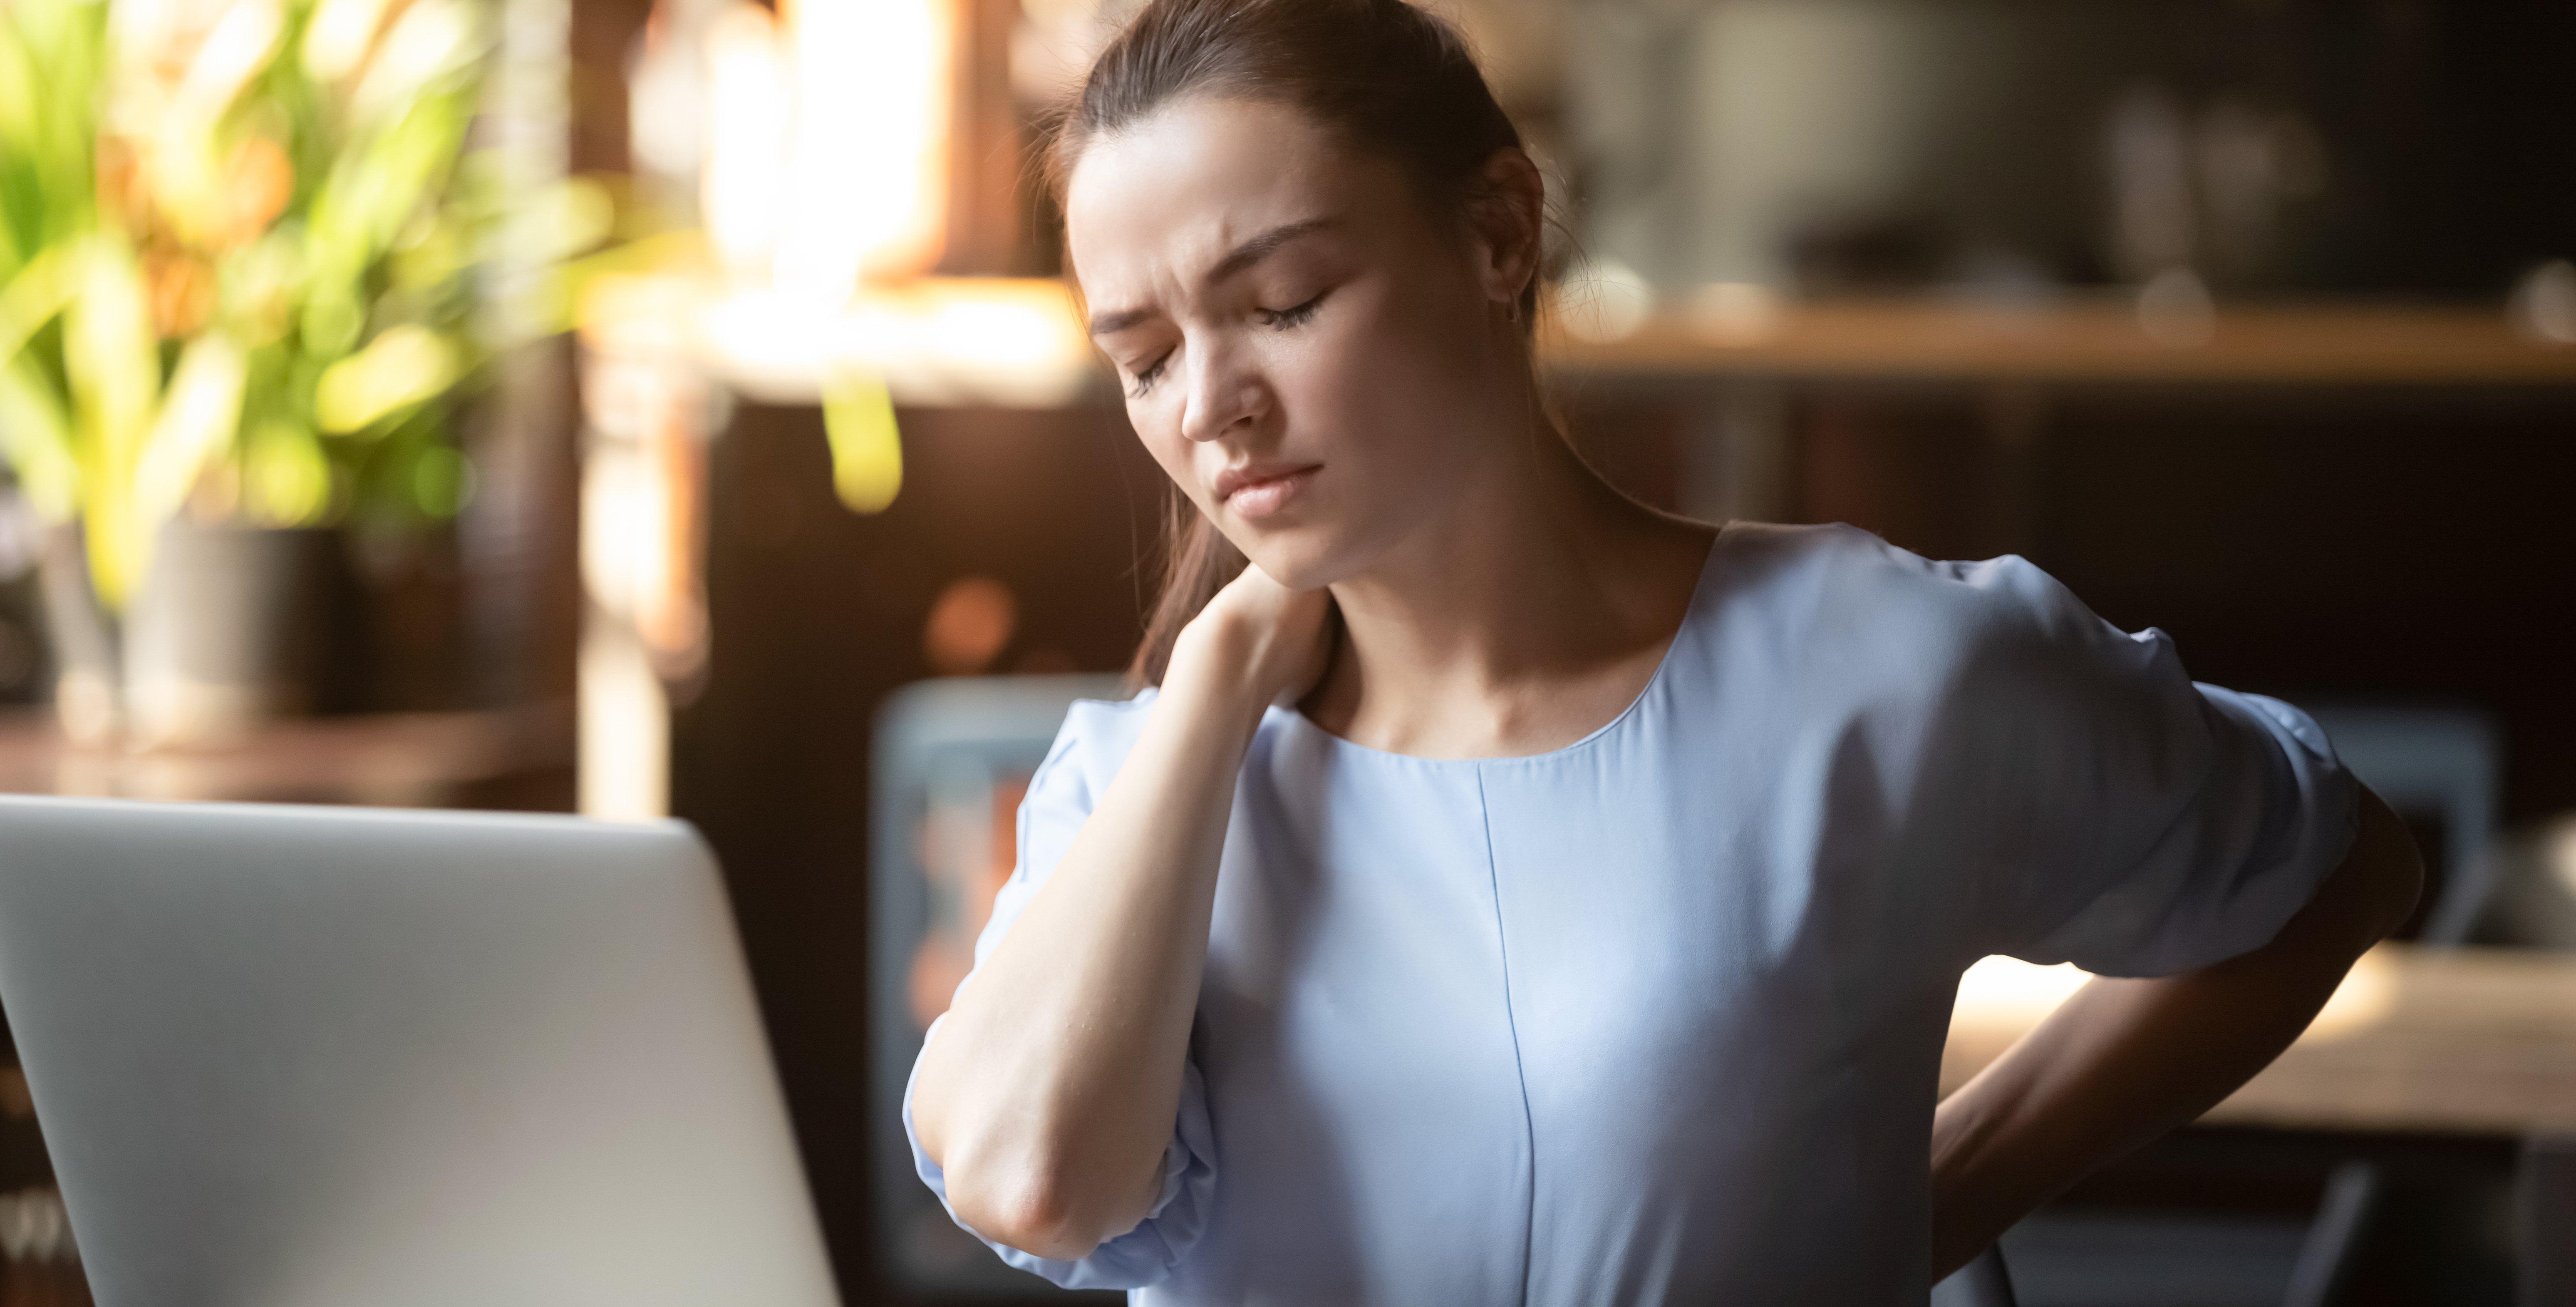 Een ergonomisch verantwoorde werkplek kan je helpen pijn te voorkomen